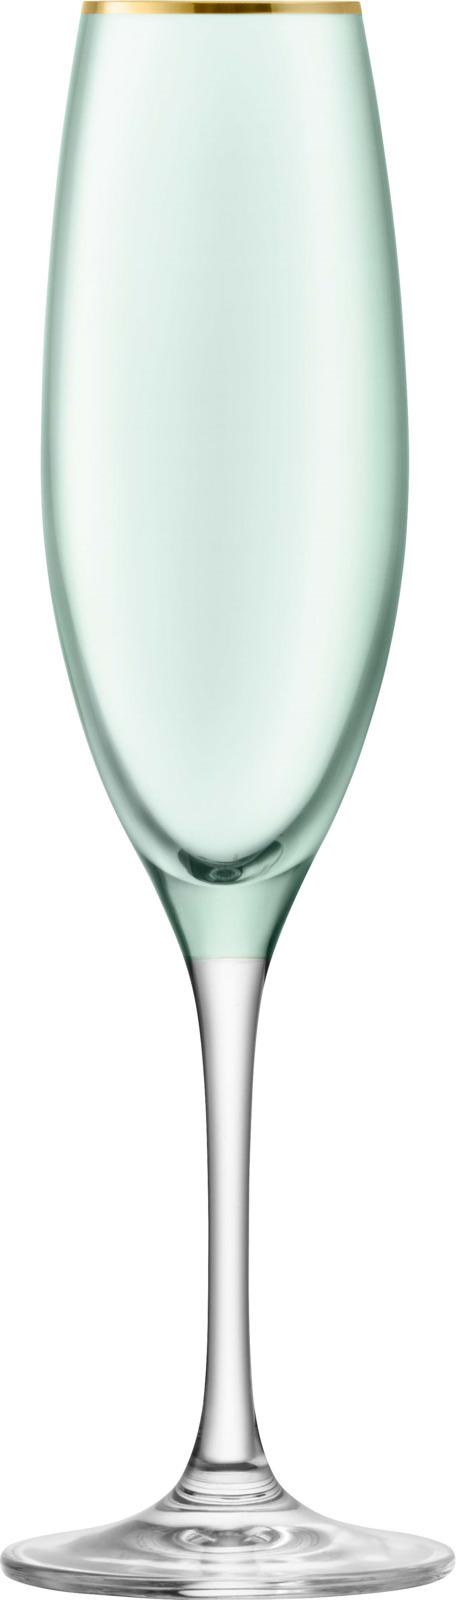 Набор бокалов-флейт для шампанского LSA Sorbet, цвет: зеленый, 225 мл, 2 штG978-08-202Набор из 2-х бокалов-флейт из выдувного стекла для сервировки шампанского и других игристых вин, а также коктейлей на их основе. Объем каждого 225 мл. Комбинируйте их с бокалами для вина или воды из коллекции Sorbet для создания гармоничной и завершенной композиции. Набор упакован в красивую коробку станет отличным подарком на любой праздник. Sorbet — яркая коллекция бокалов и подсвечников, которая напоминает о солнечных днях и уютных теплых вечерах в приятной компании. Богатая палитра цветов позволяет выбрать подходящие под настроение предметы для сервировки праздничного обеда или семейного ужина. Все предметы коллекции украшены изысканной золотой окантовкой. Изделия из выдувного стекла, раскрашенные вручную и украшенные позолотой, рекомендуется мыть вручную в теплой мыльной воде и вытирать насухо мягкой тканью. Иногда в готовом изделии из выдувного стекла встречаются пузырьки воздуха — это нормально и вполне допускается технологией ручного производства. Такие пузырьки воздуха внутри не являются браком.